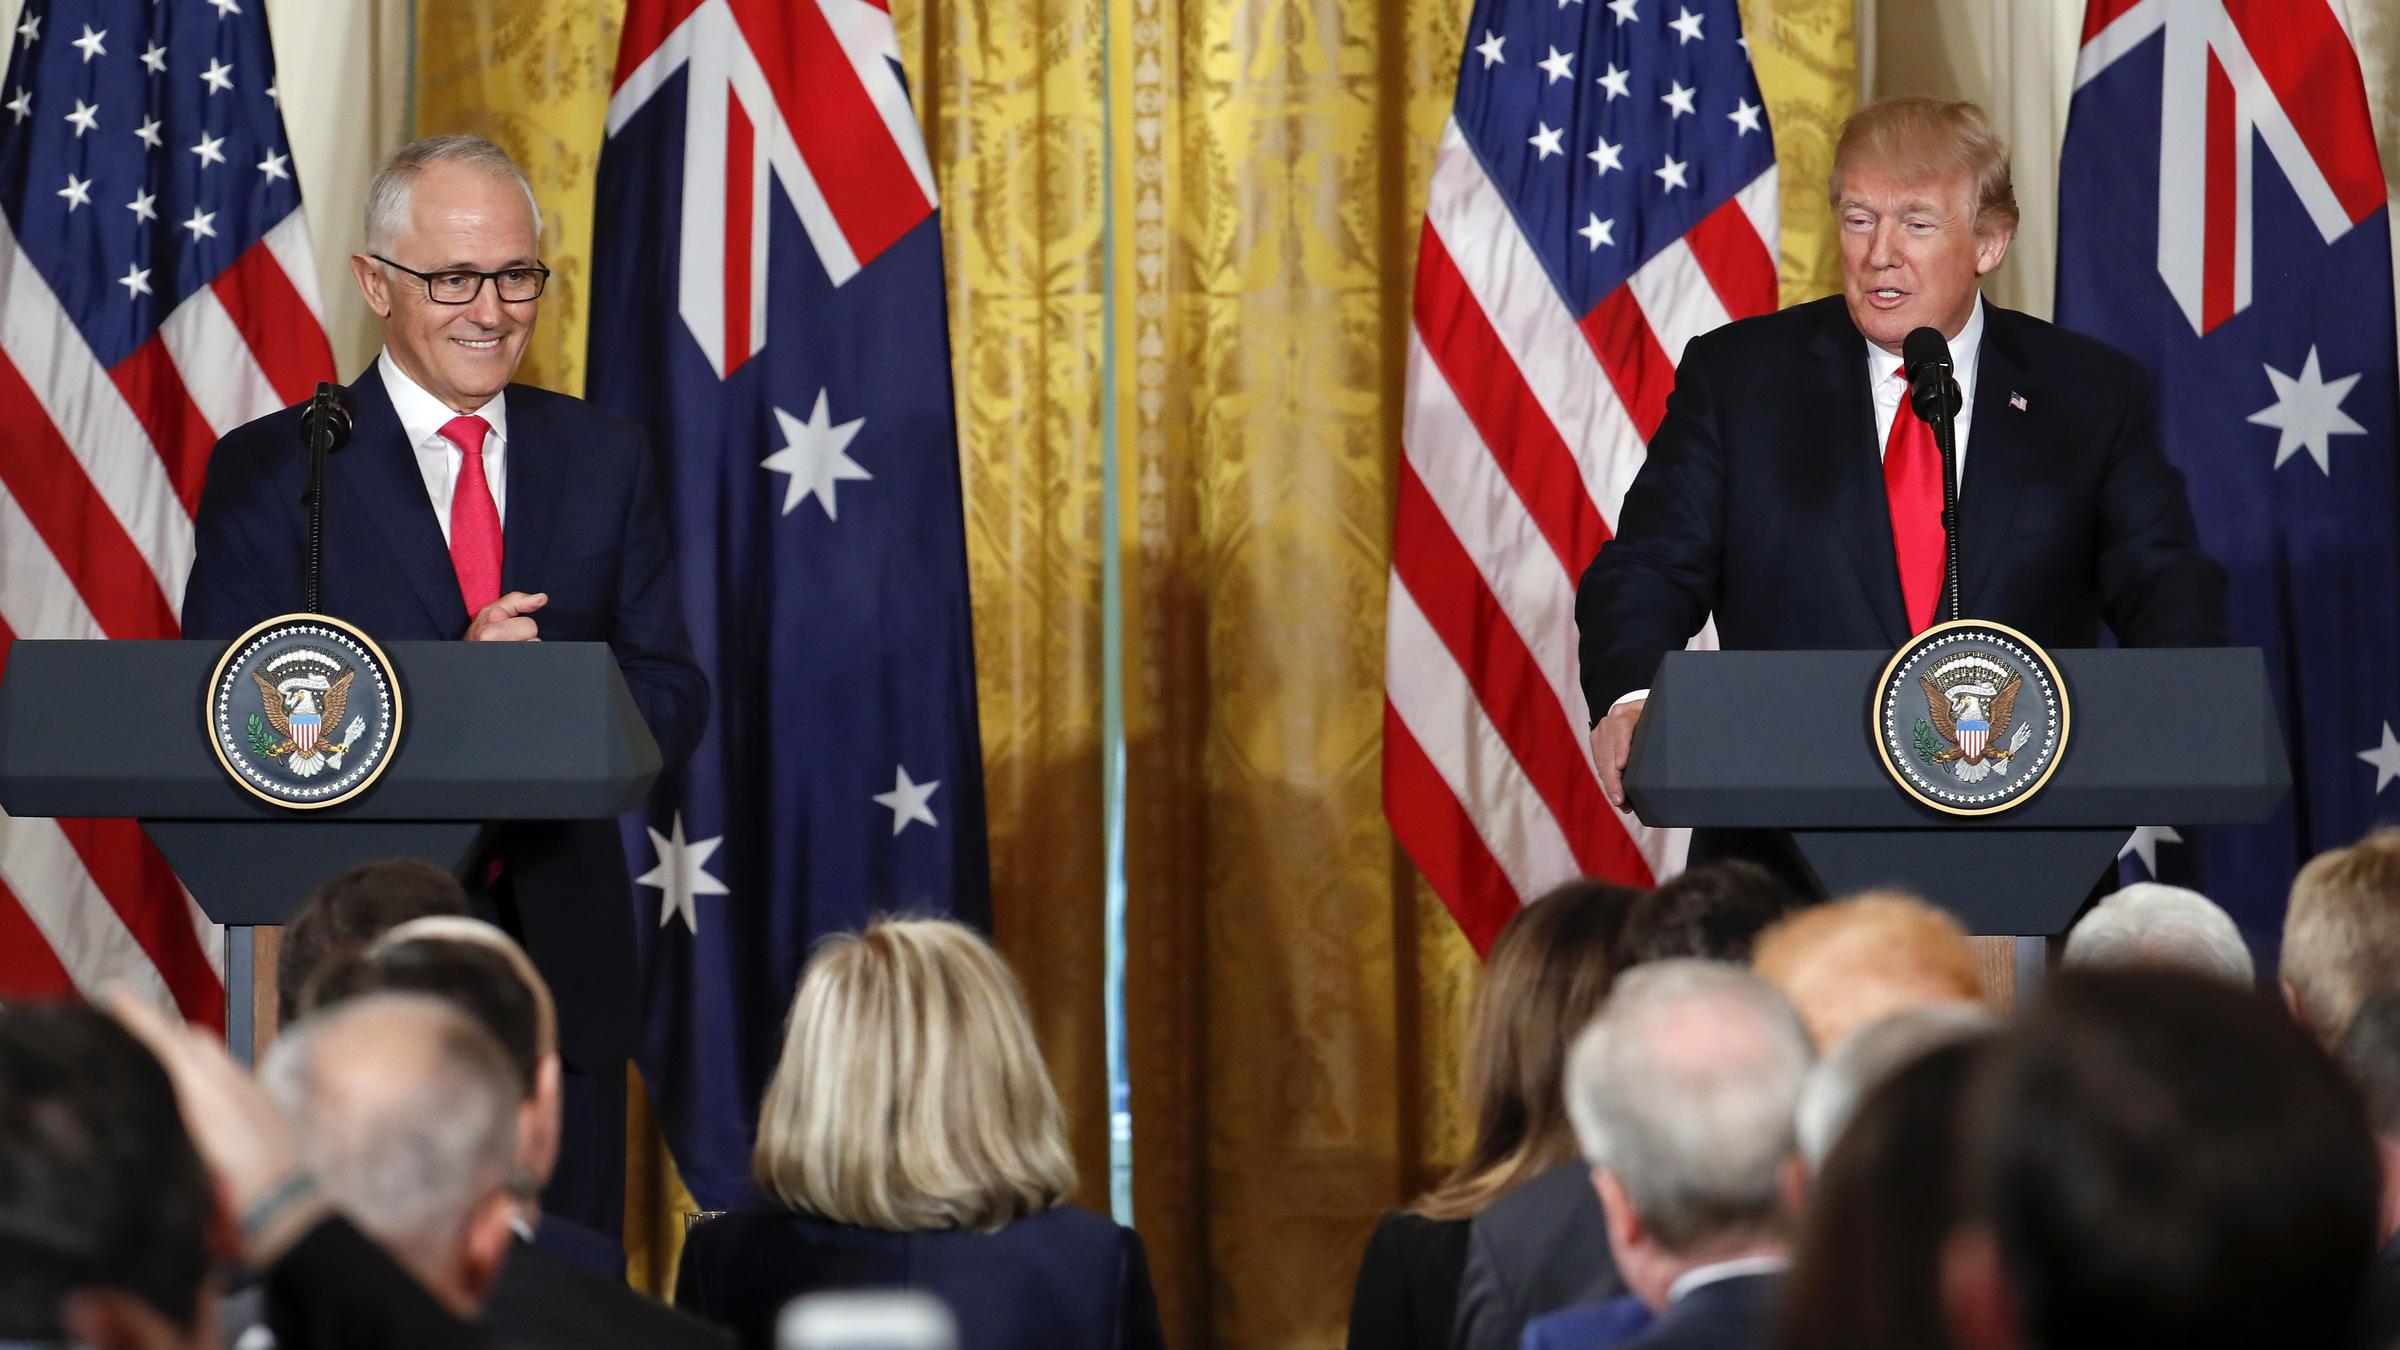 Turnbull leading mega-delegation to US